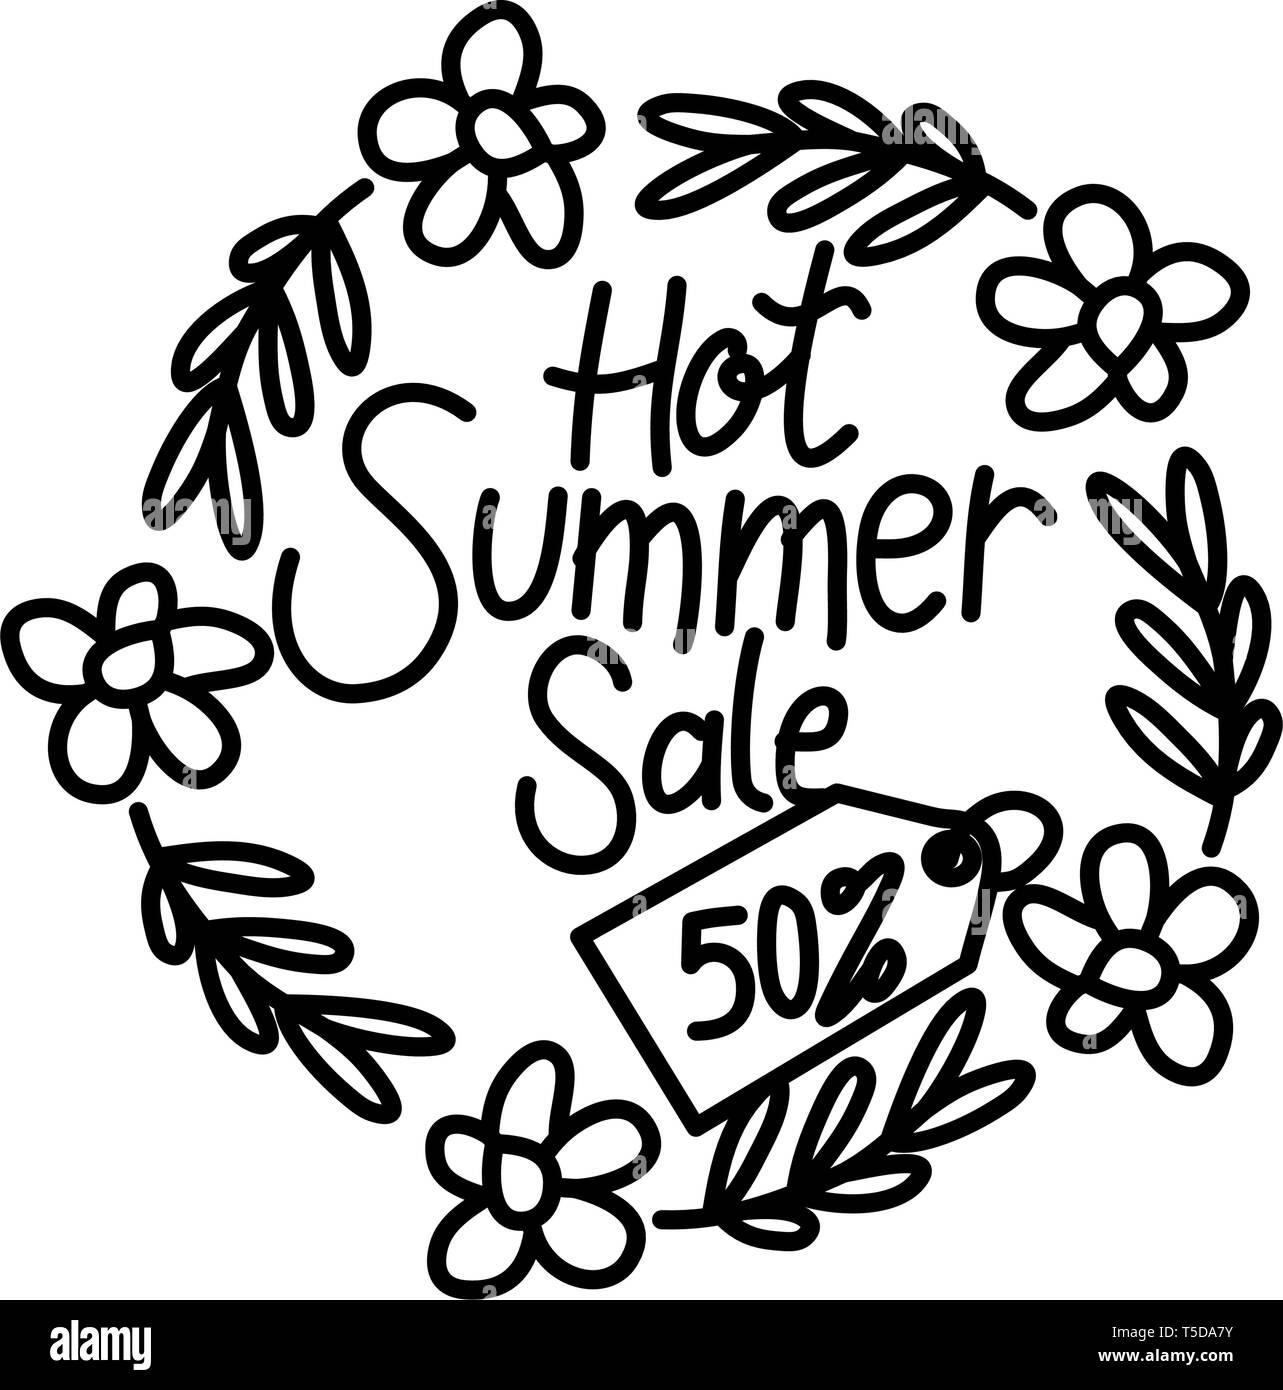 Hot Summer Sale Script Text Design Template - Stock Vector